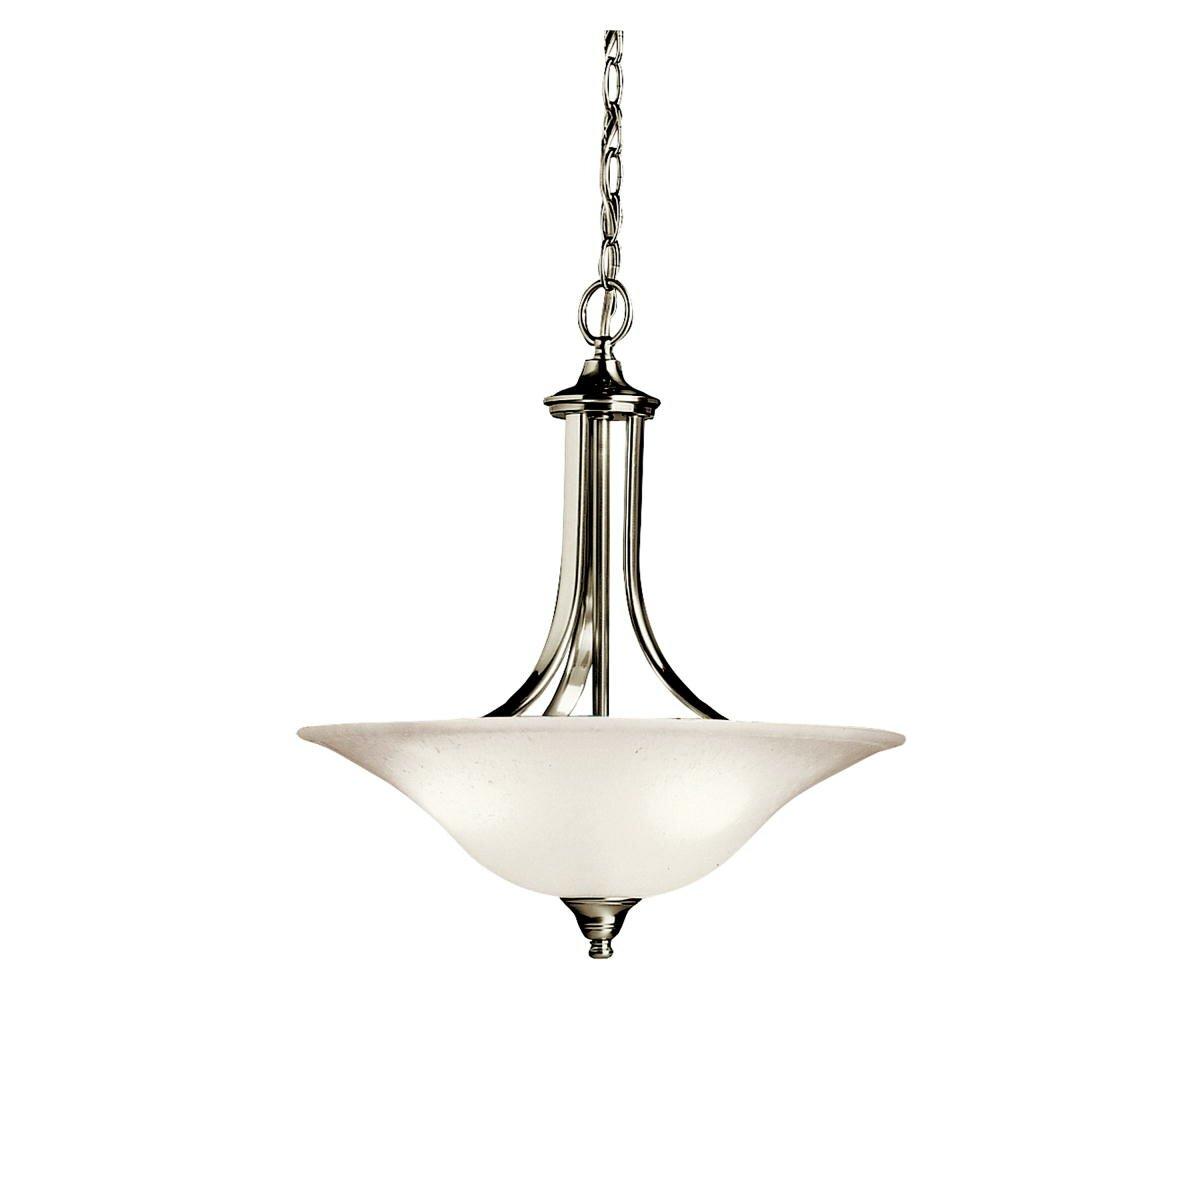 Kichler dover 3 light convertible inverted pendant for Kichler kitchen pendant lighting